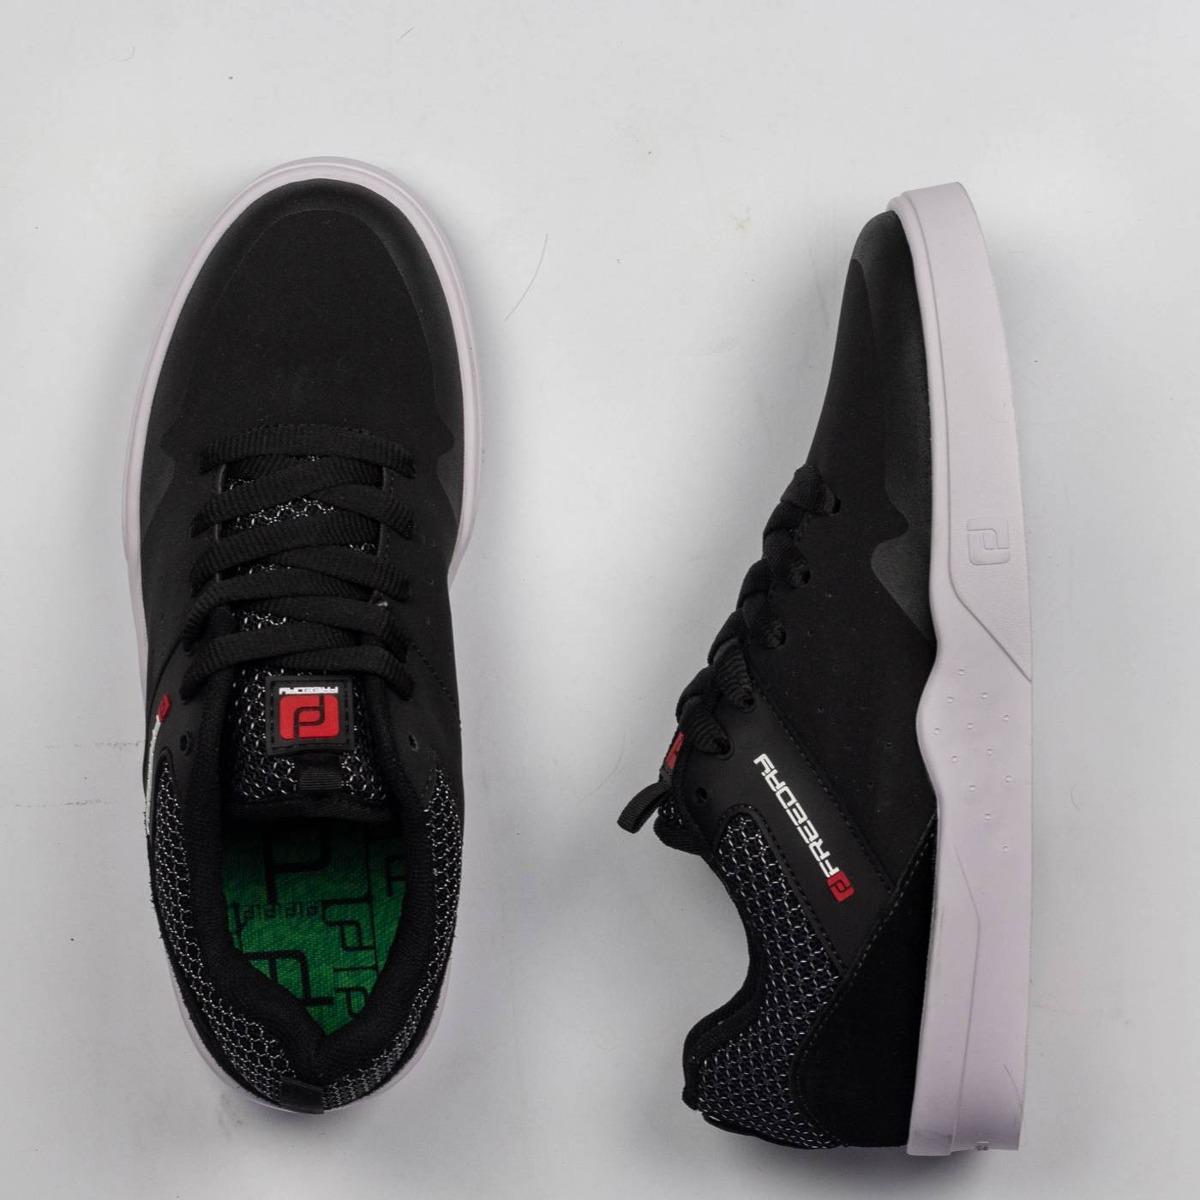 15ec6008bd tênis skate freeday definity preto branco vermelho. Carregando zoom.